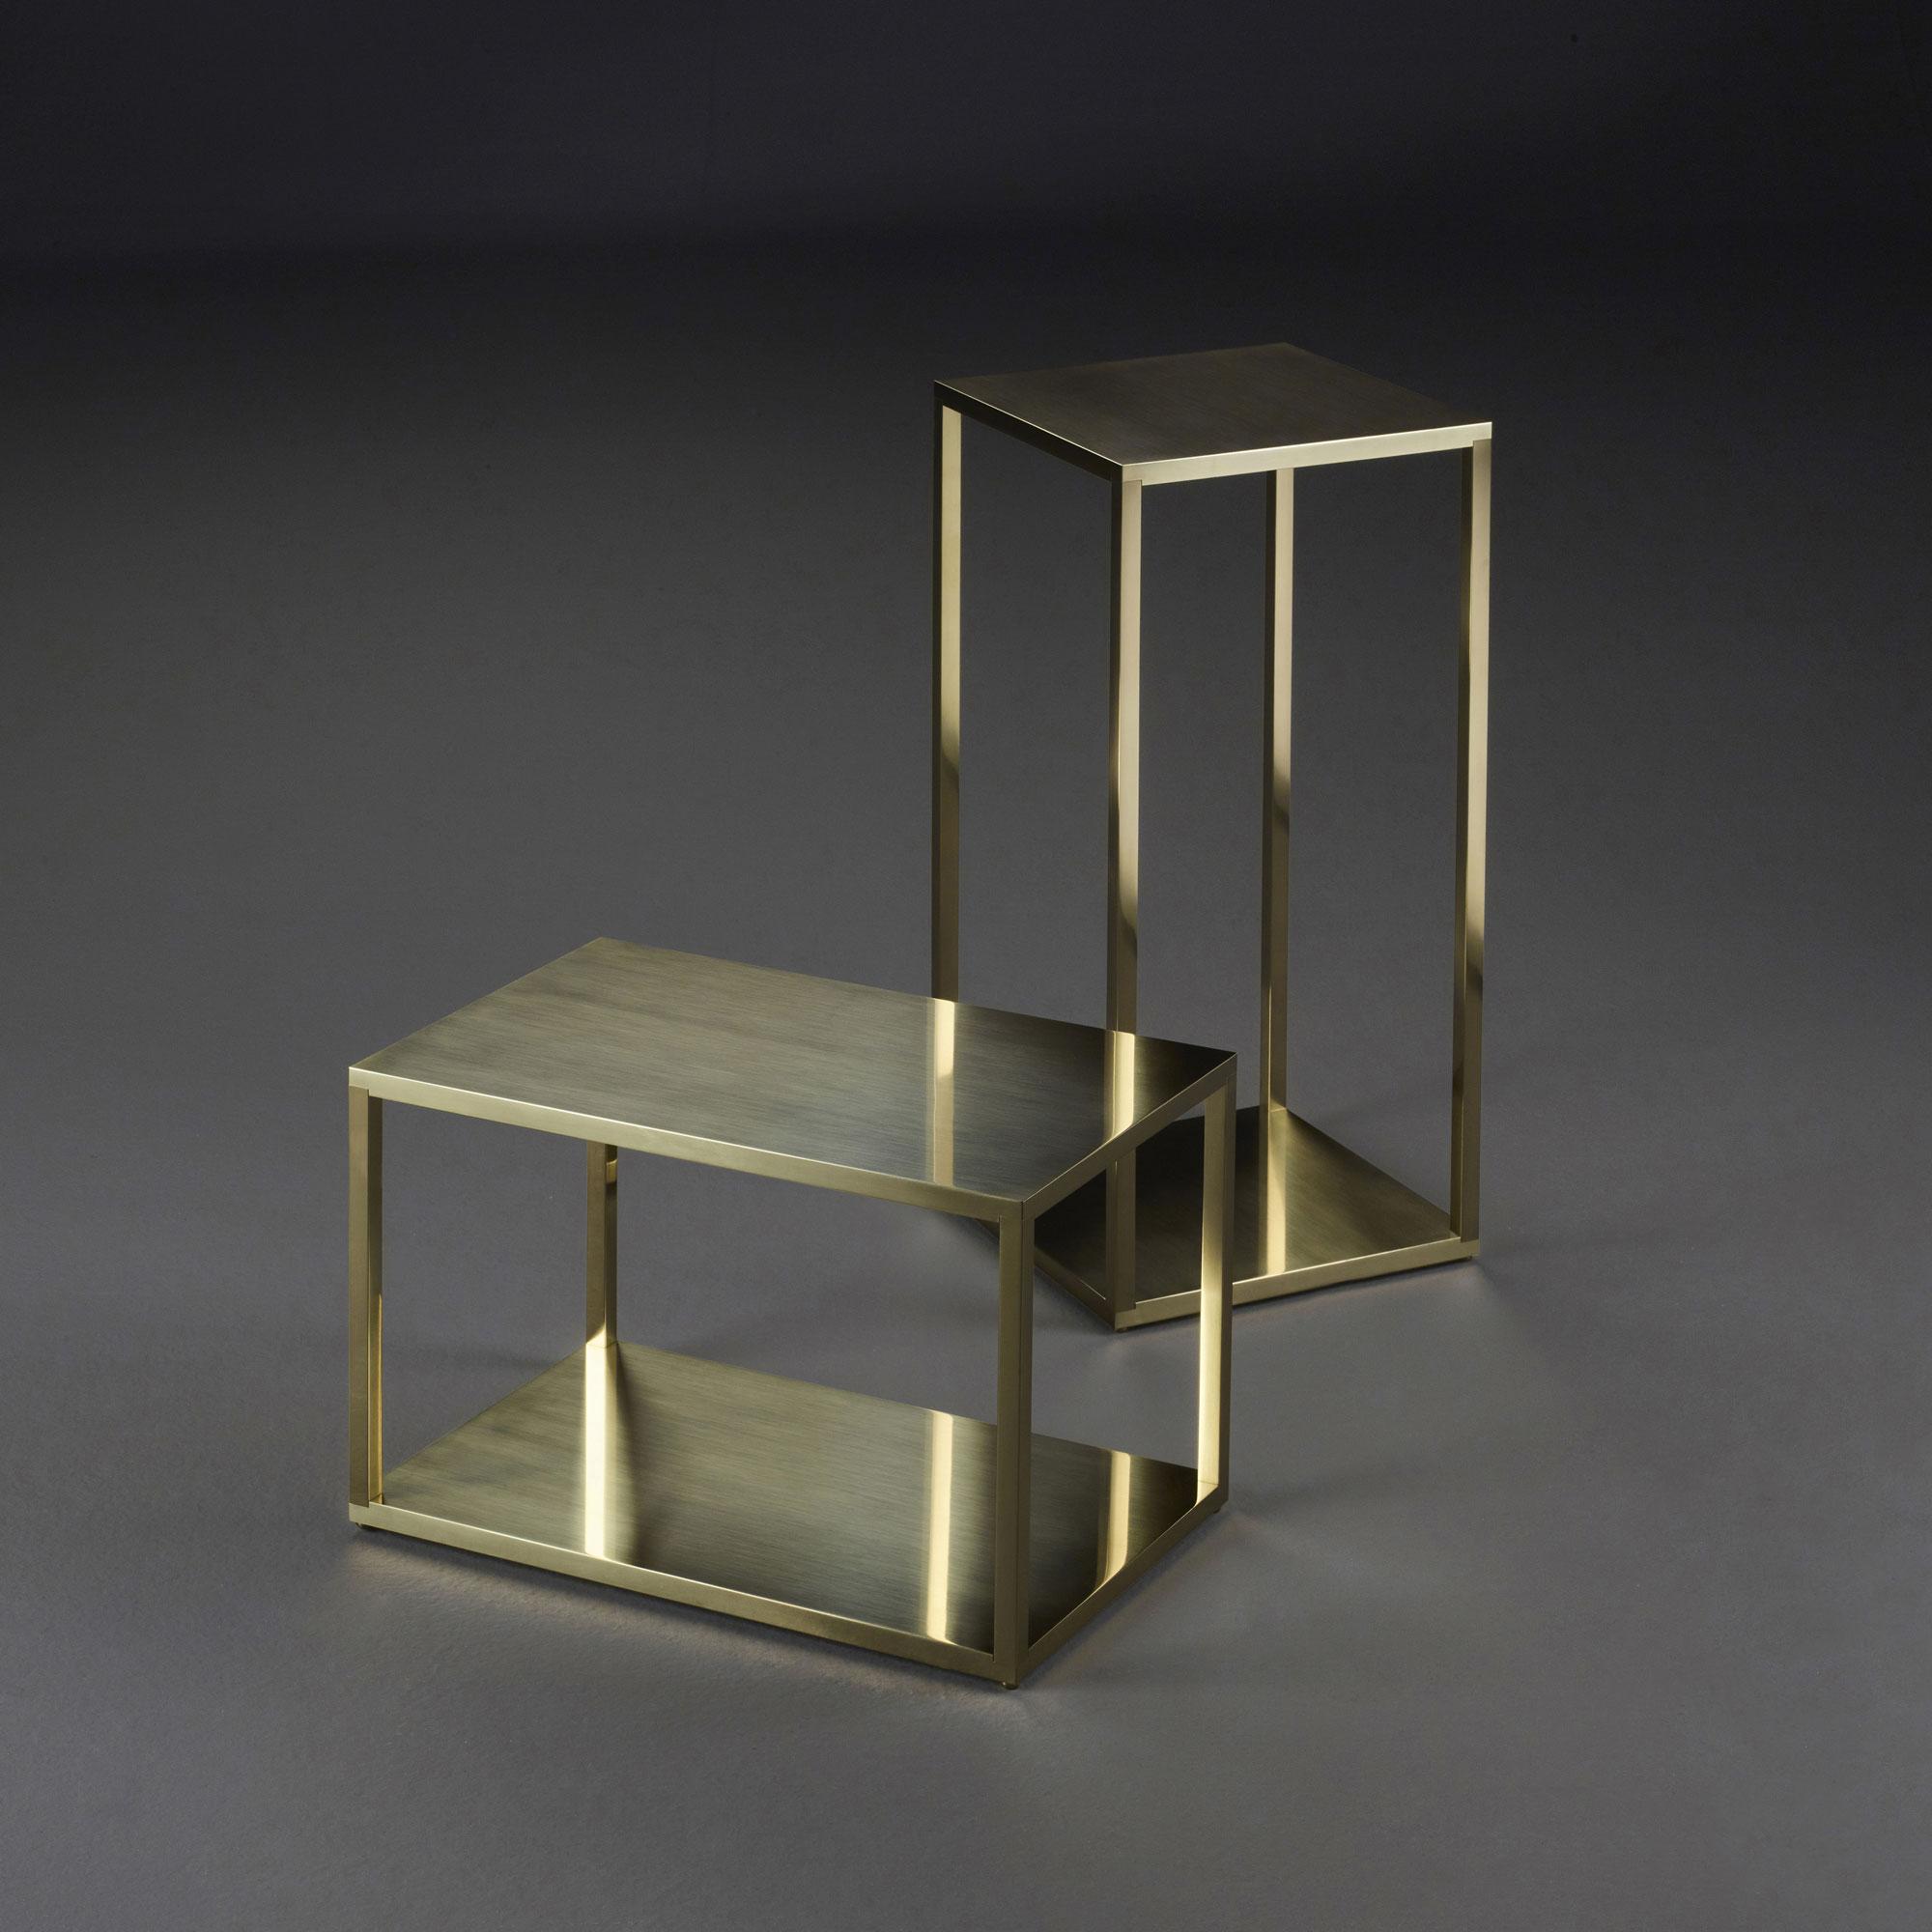 Luccicante, small tables; design by Romeo Sozzi - Photo Credit: Promemoria